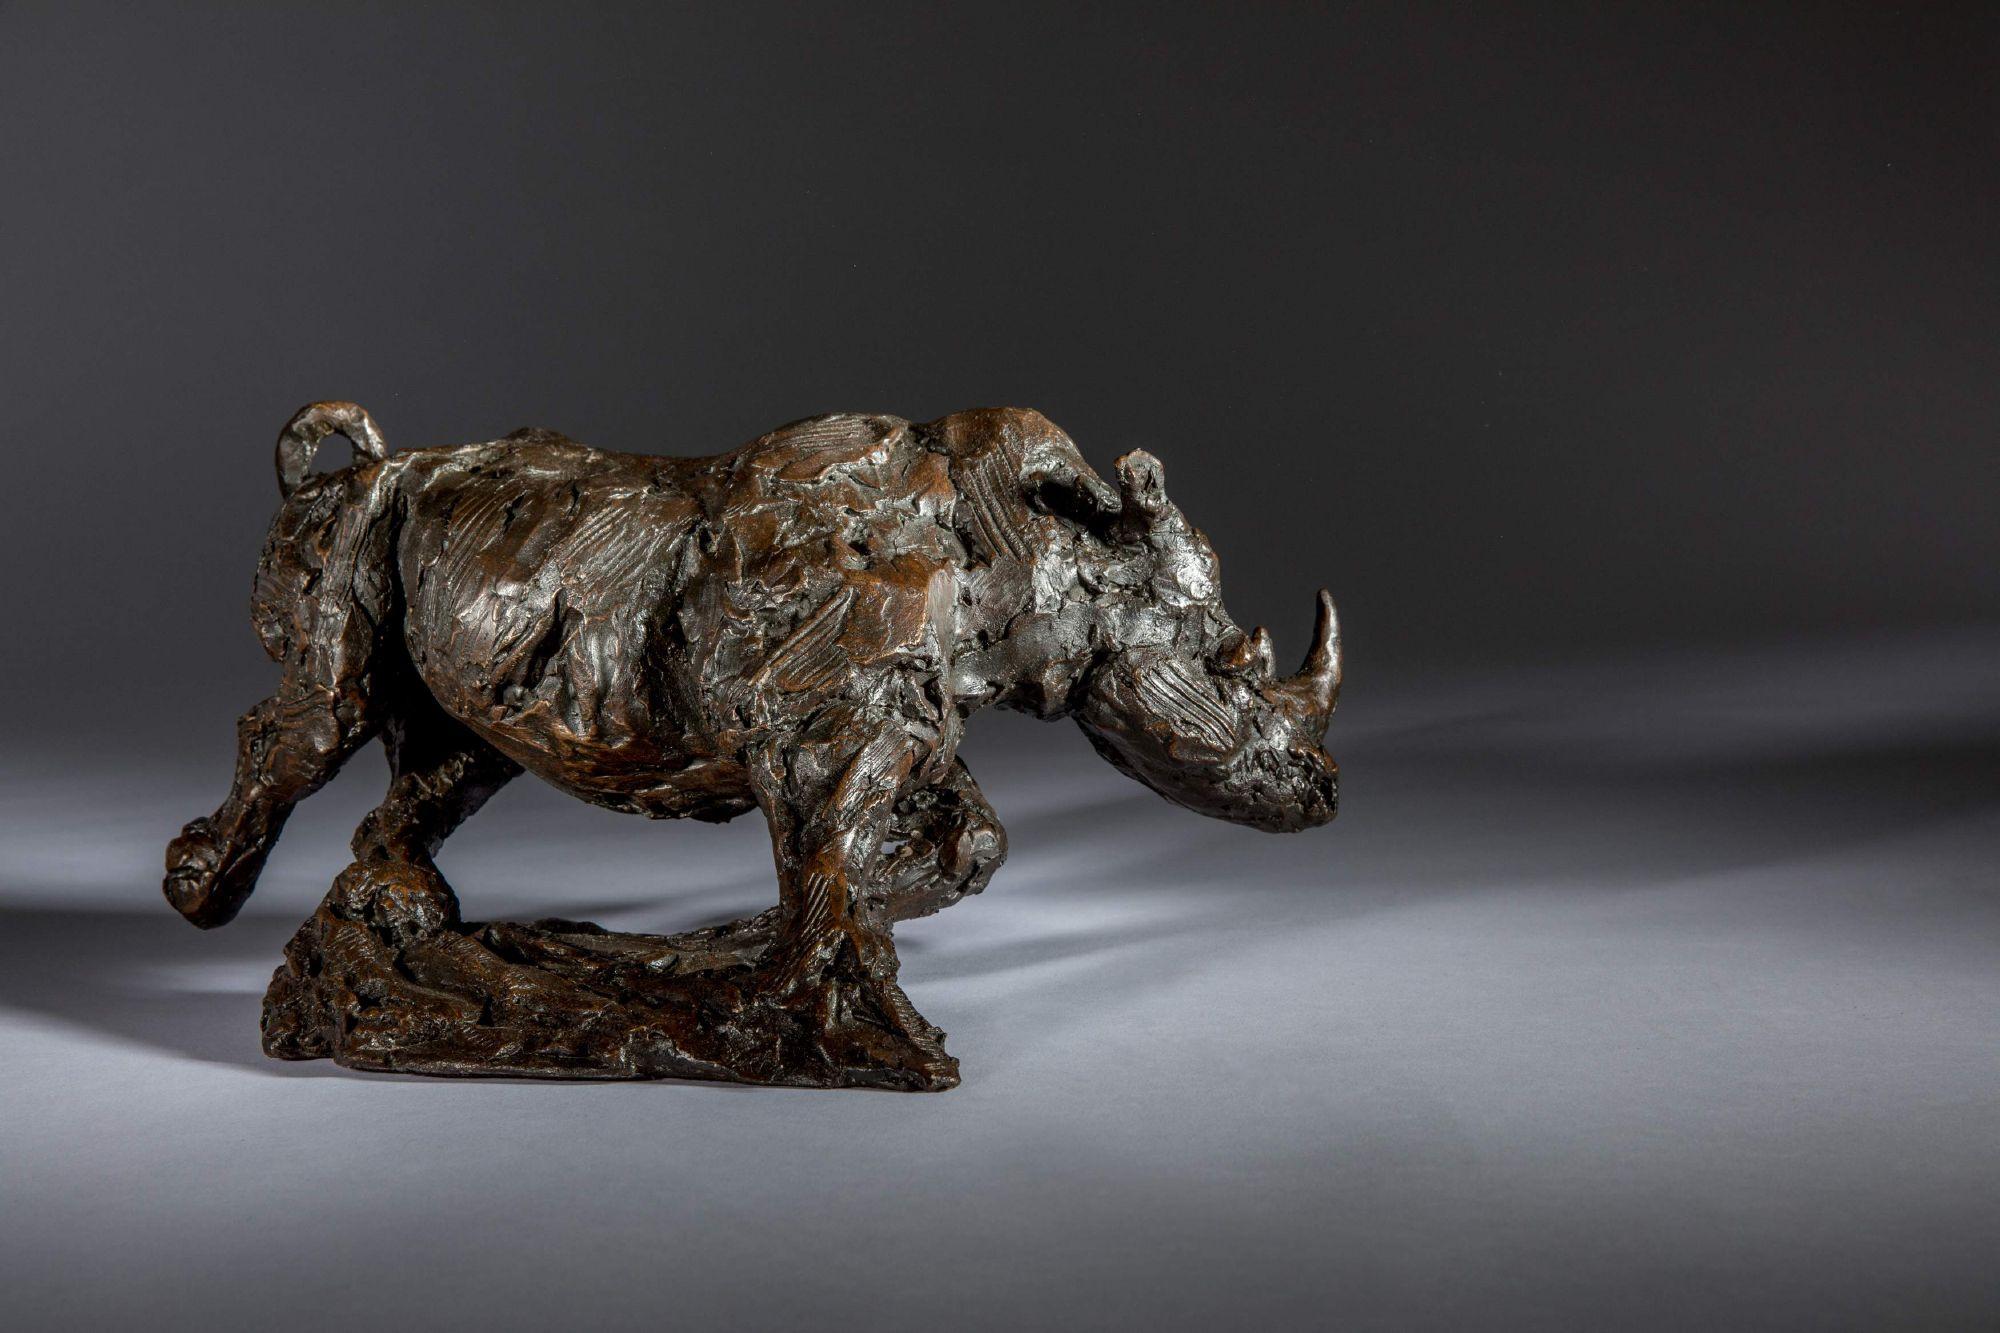 FREEDOM! – Charging White Rhino